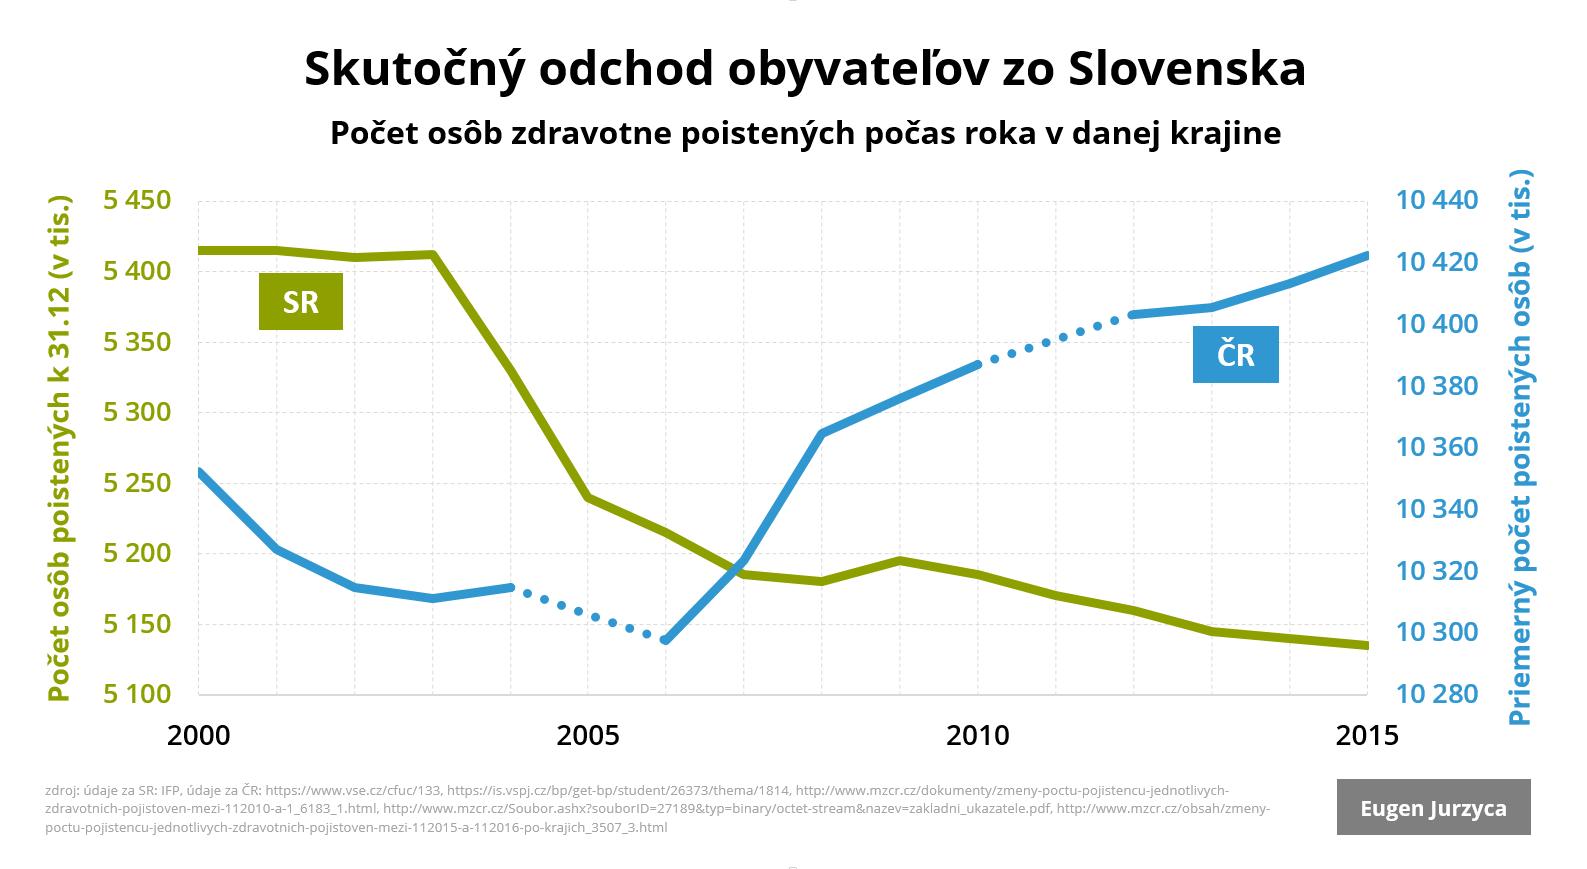 graf_jurzyca